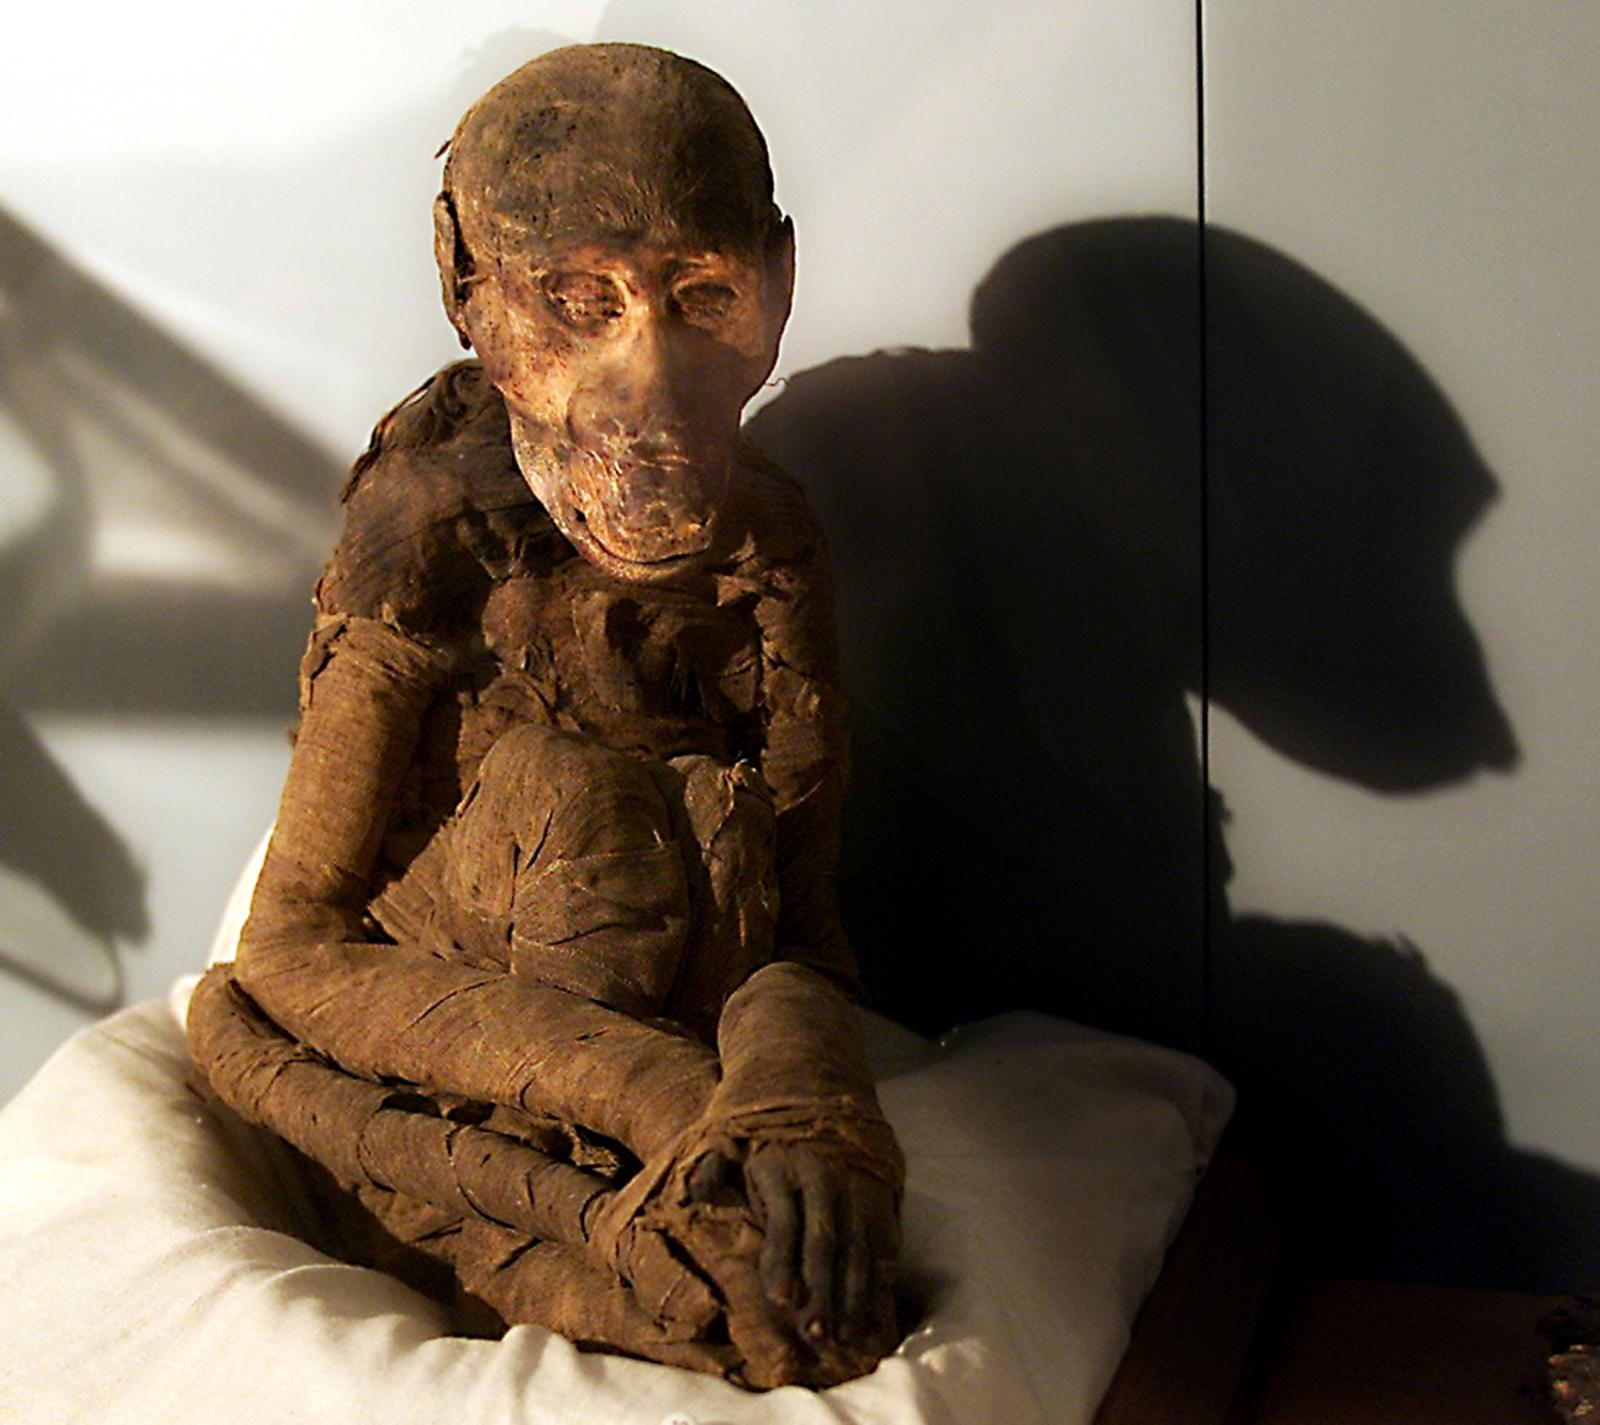 Mummified monkey